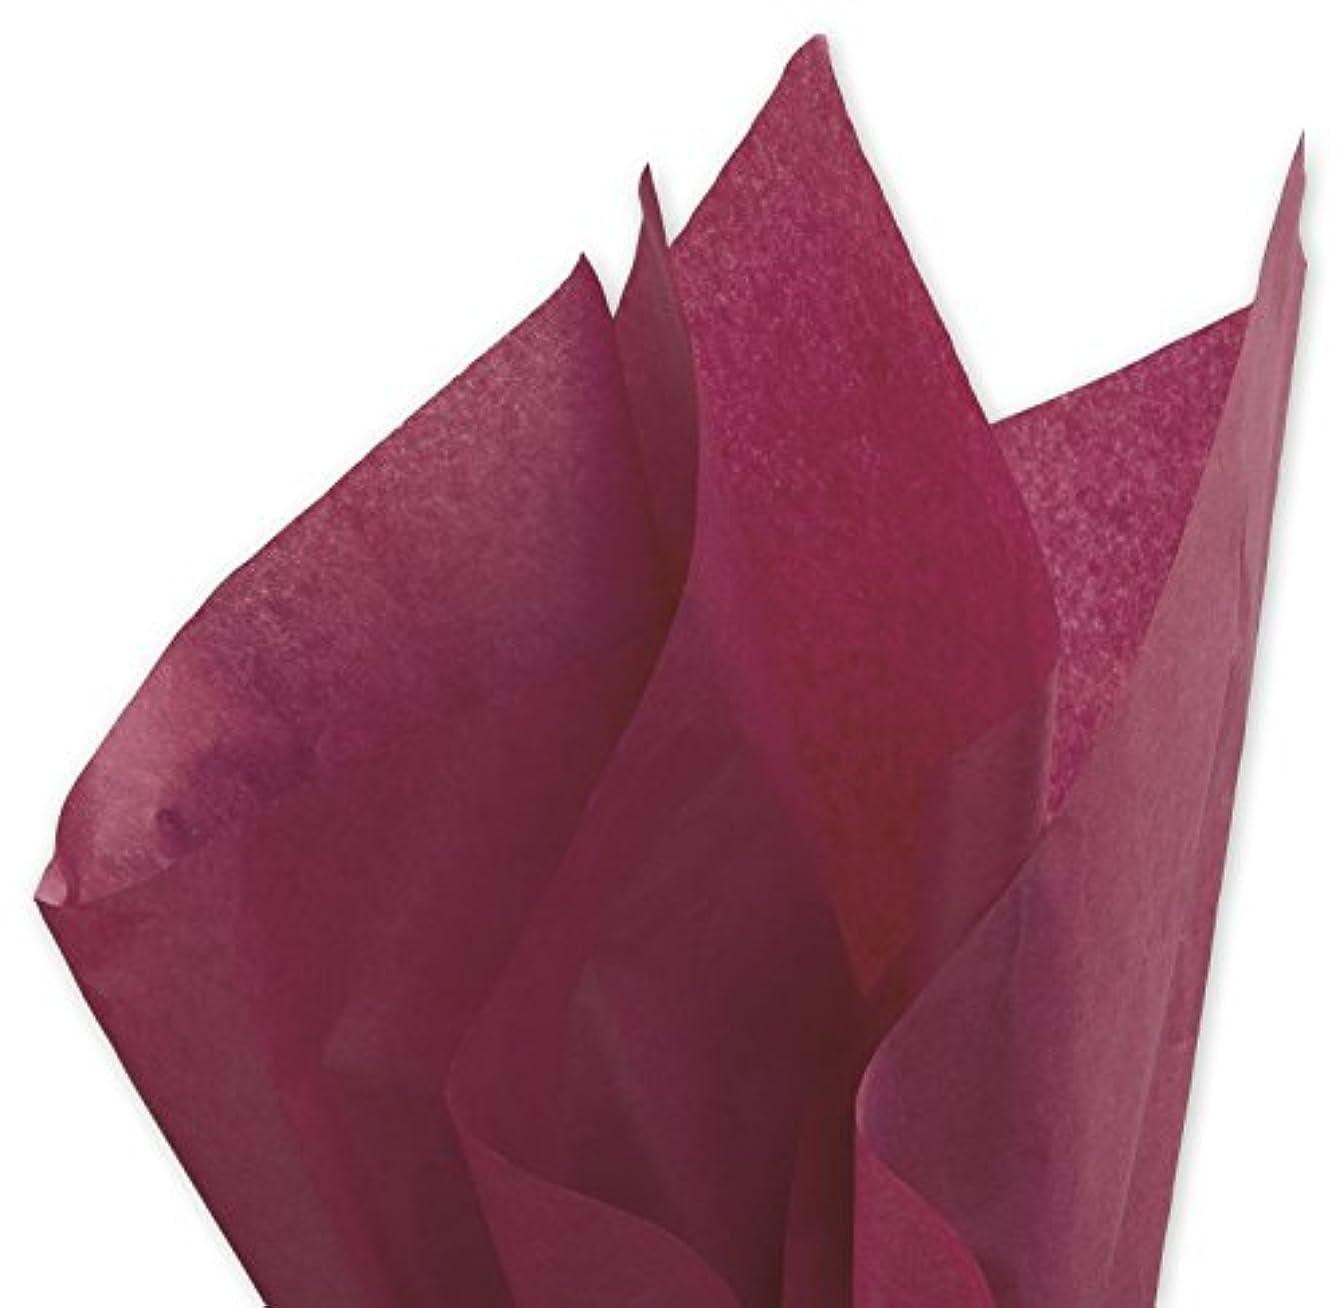 車両ボルト懐疑的DARK BURGUNDY Bulk Tissue Paper 15 x 20-100 Sheets by Buttons Bags and Bows